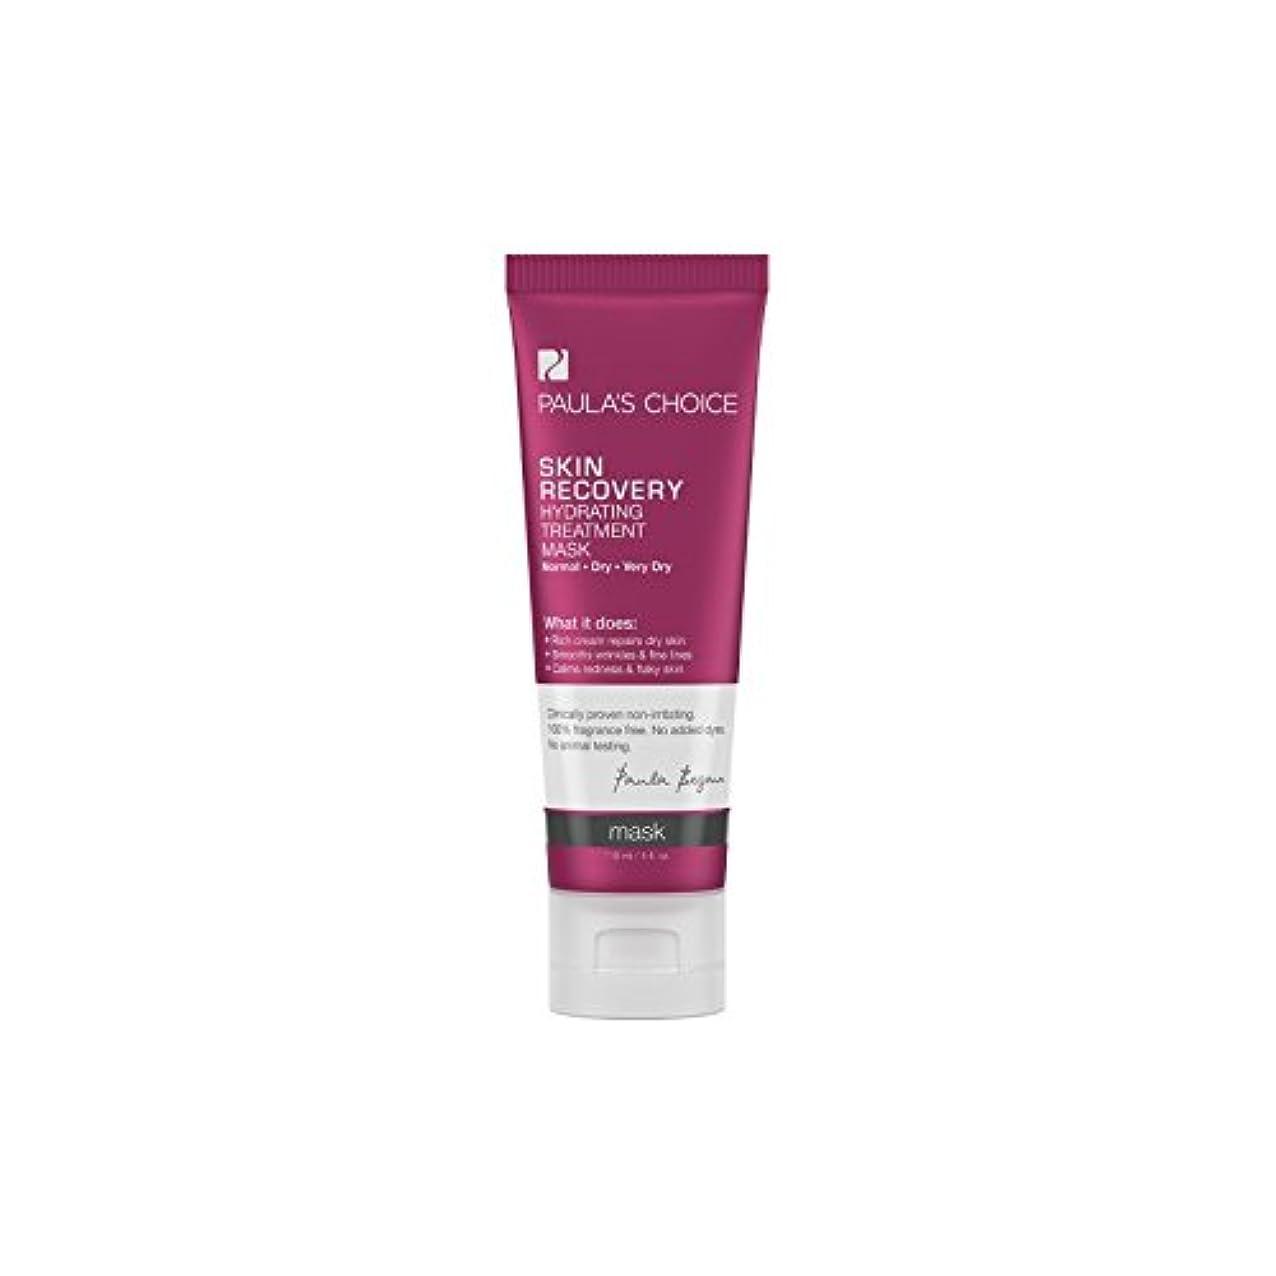 マウスピース見る生き残りポーラチョイスの肌の回復水和処理マスク(118ミリリットル) x4 - Paula's Choice Skin Recovery Hydrating Treatment Mask (118ml) (Pack of 4) [並行輸入品]